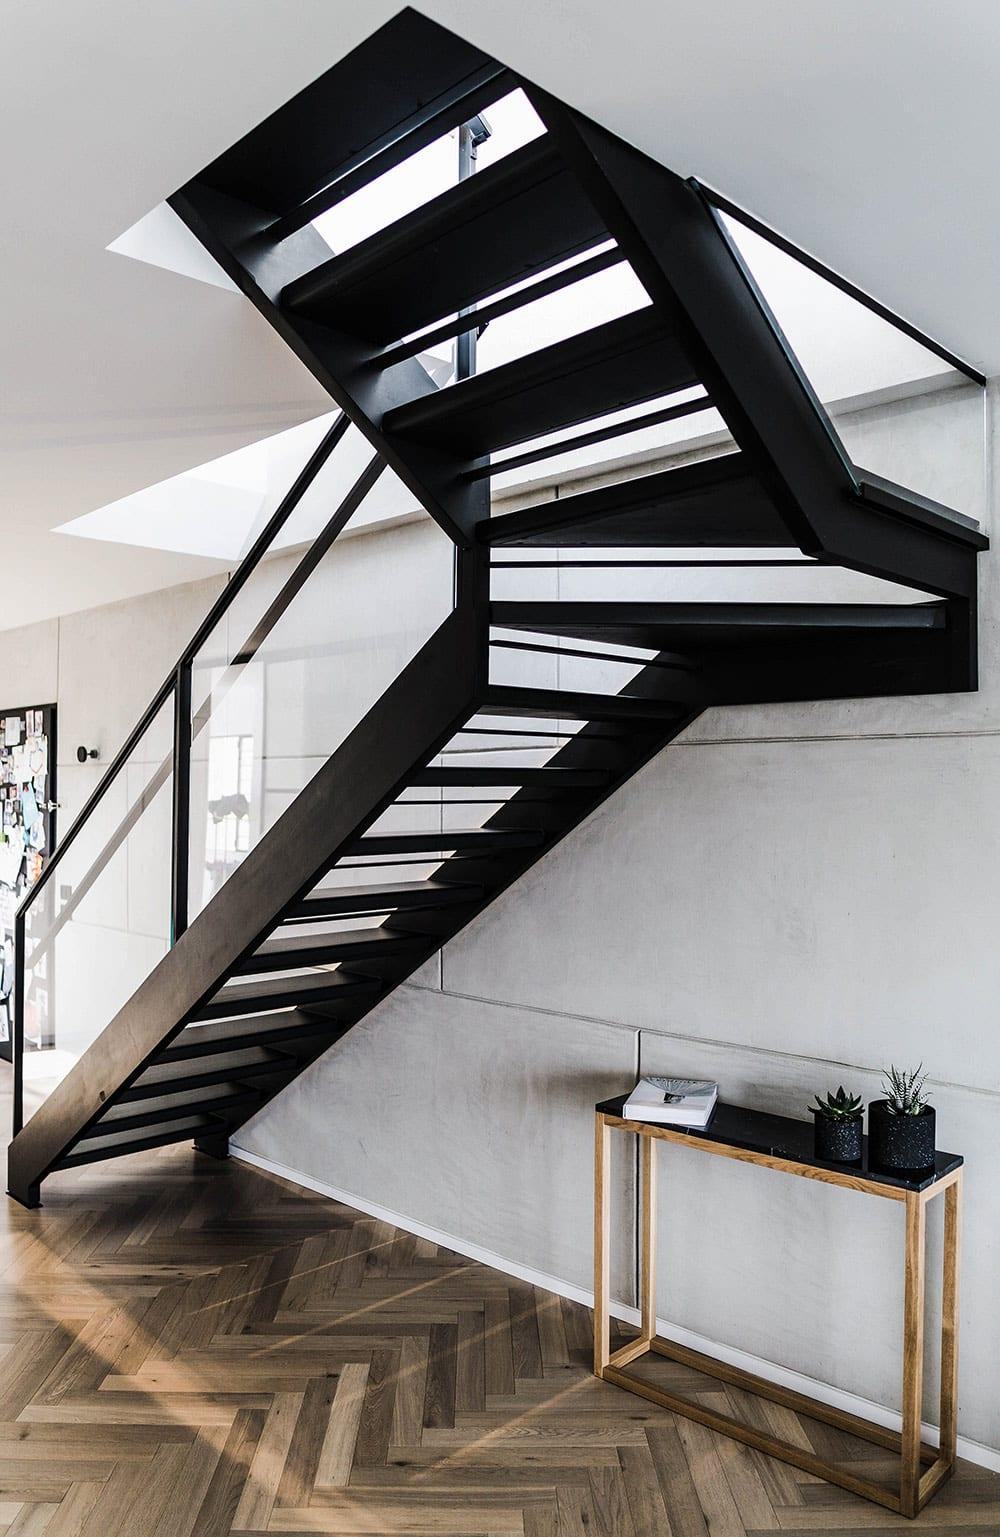 דירת גג בתל אביב - מוצרי הברזל ממשיכים את הקו העיצובי הנקי